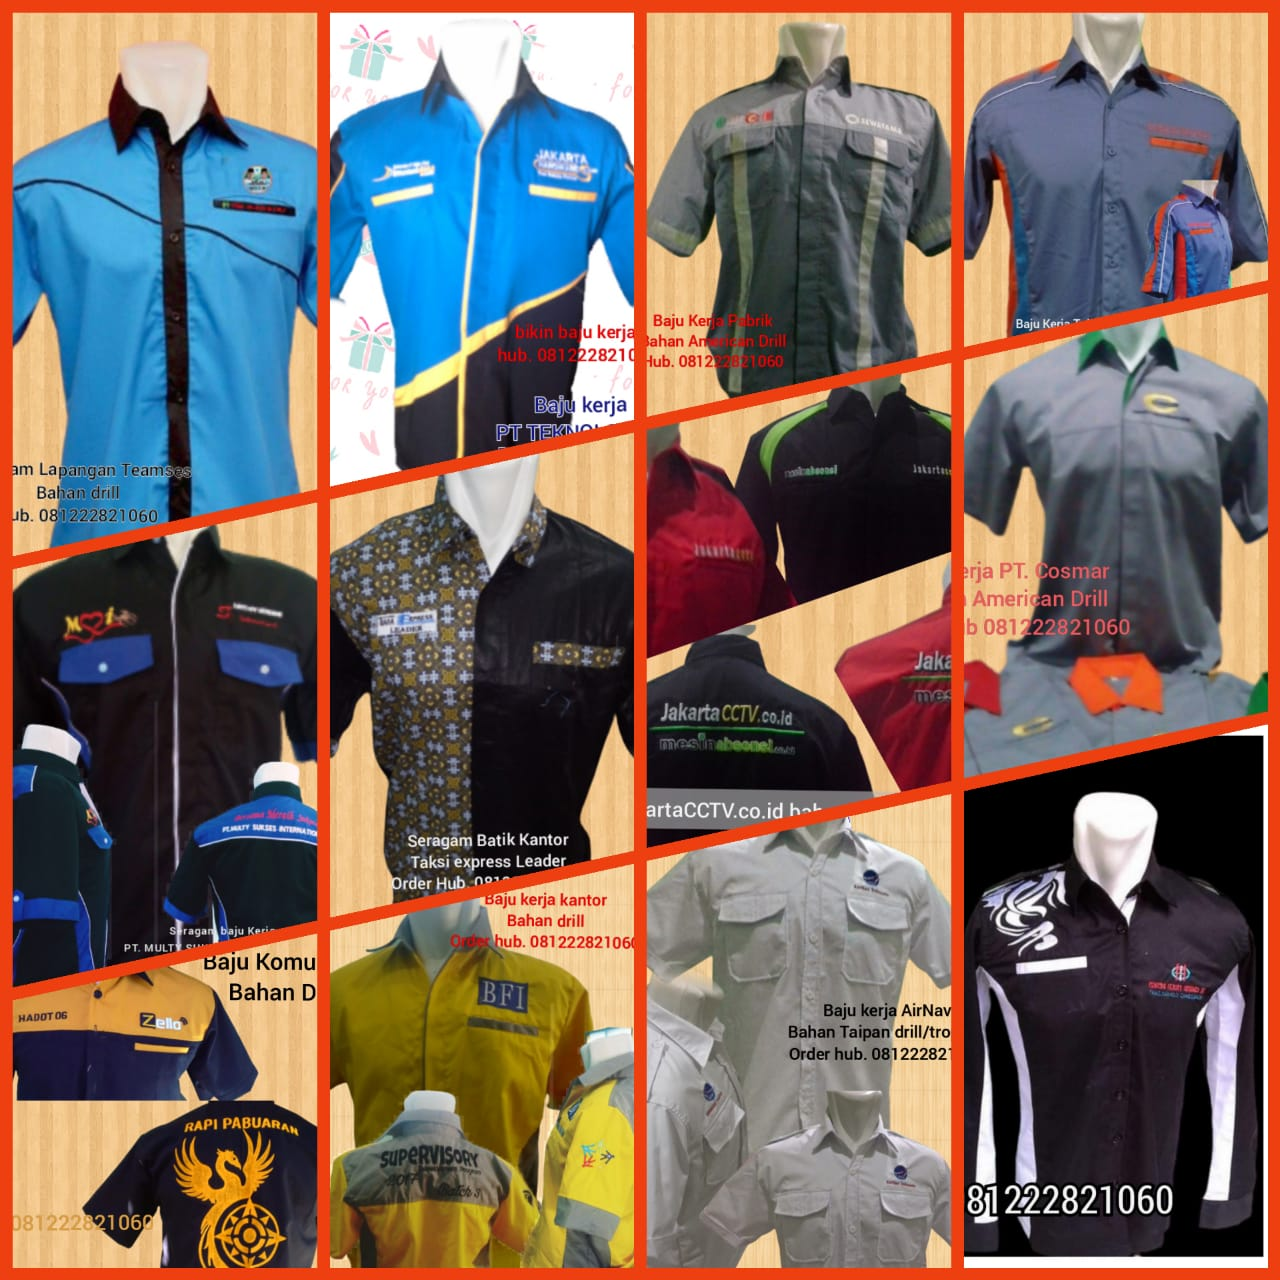 Baju Seragam Kerja Lapangan Mandailing Natal Sumatera Selatan